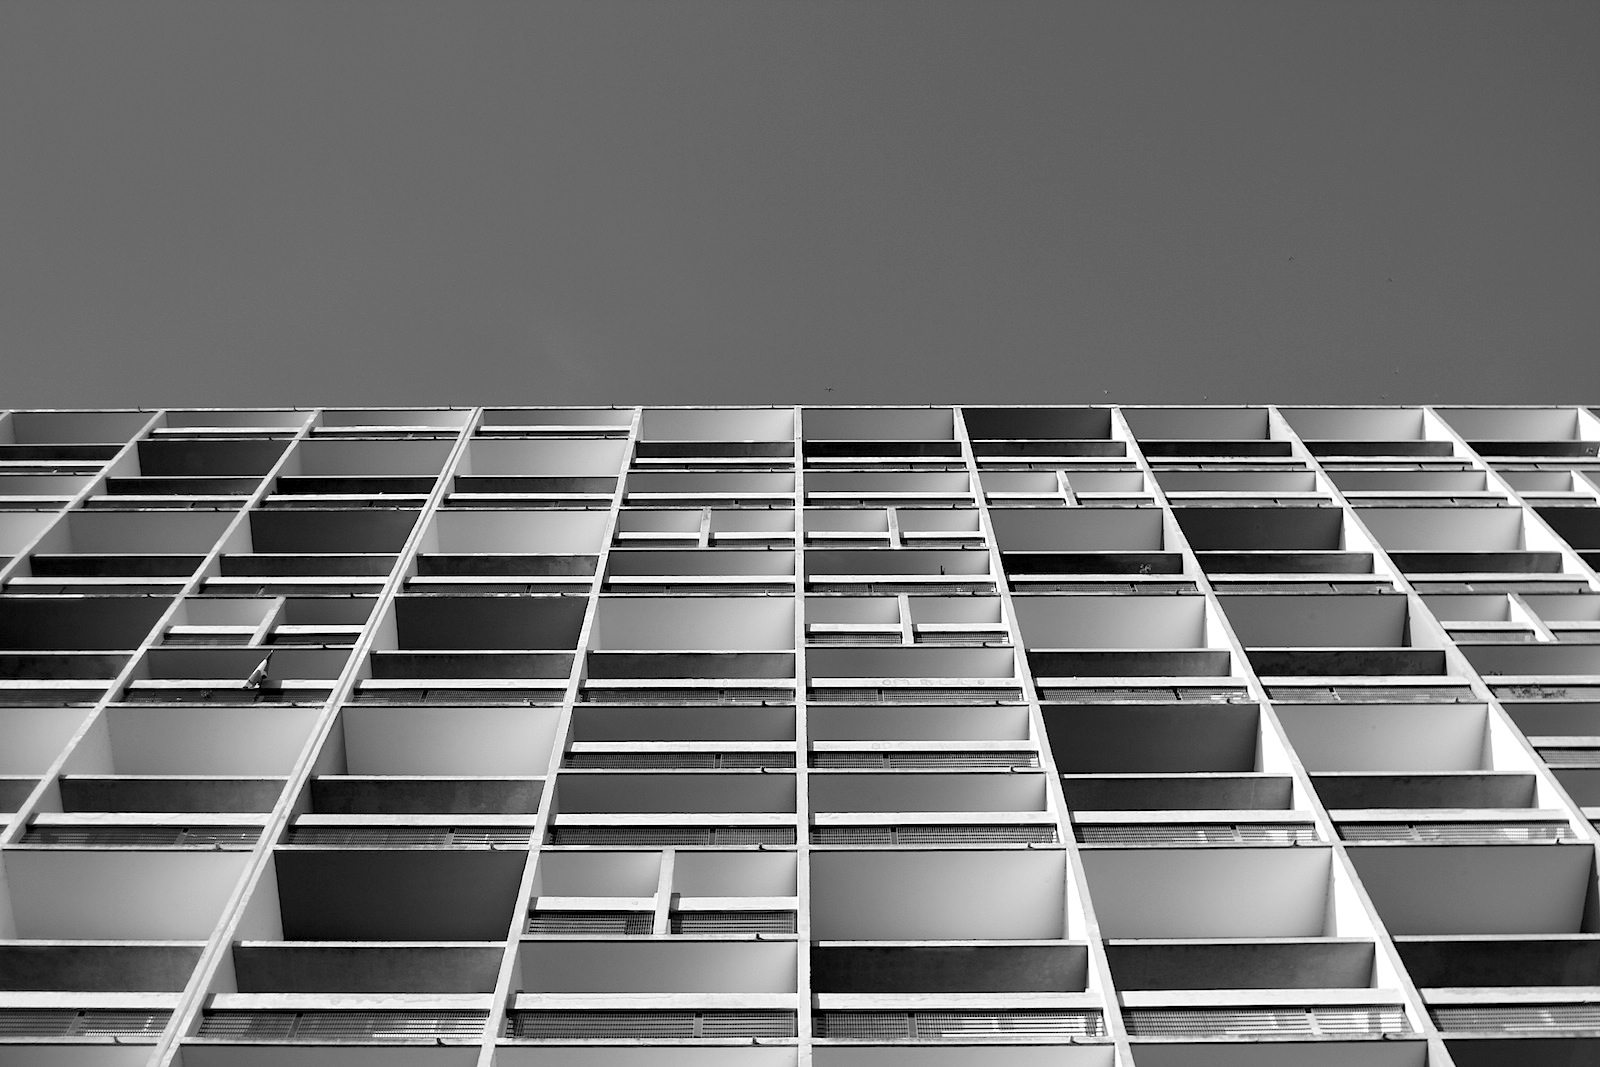 Unité d'Habitation Firminy-Vert. Fünf Unités d'Habitation wurden realisiert: 1. 1947–1952 Cité Radieuse in Marseille. 2. 1950–1955 Cité Radieuse de Rezé bei Nantes (Länge:108 m, Breite: 19 m, Höhe: 52 m). 3. 1956–1958 Corbusierhaus in Berlin (Länge: 157 m,Breite: 23 m, Höhe: 53 m). 4. 1959–1961 Unité d'habitation de Briey in Briey. 5. 1965–1967 Unité d'Habitation de Firminy-Vert in Firminy (Länge: 130 m, Breite: 21 m, Höhe 50 m).